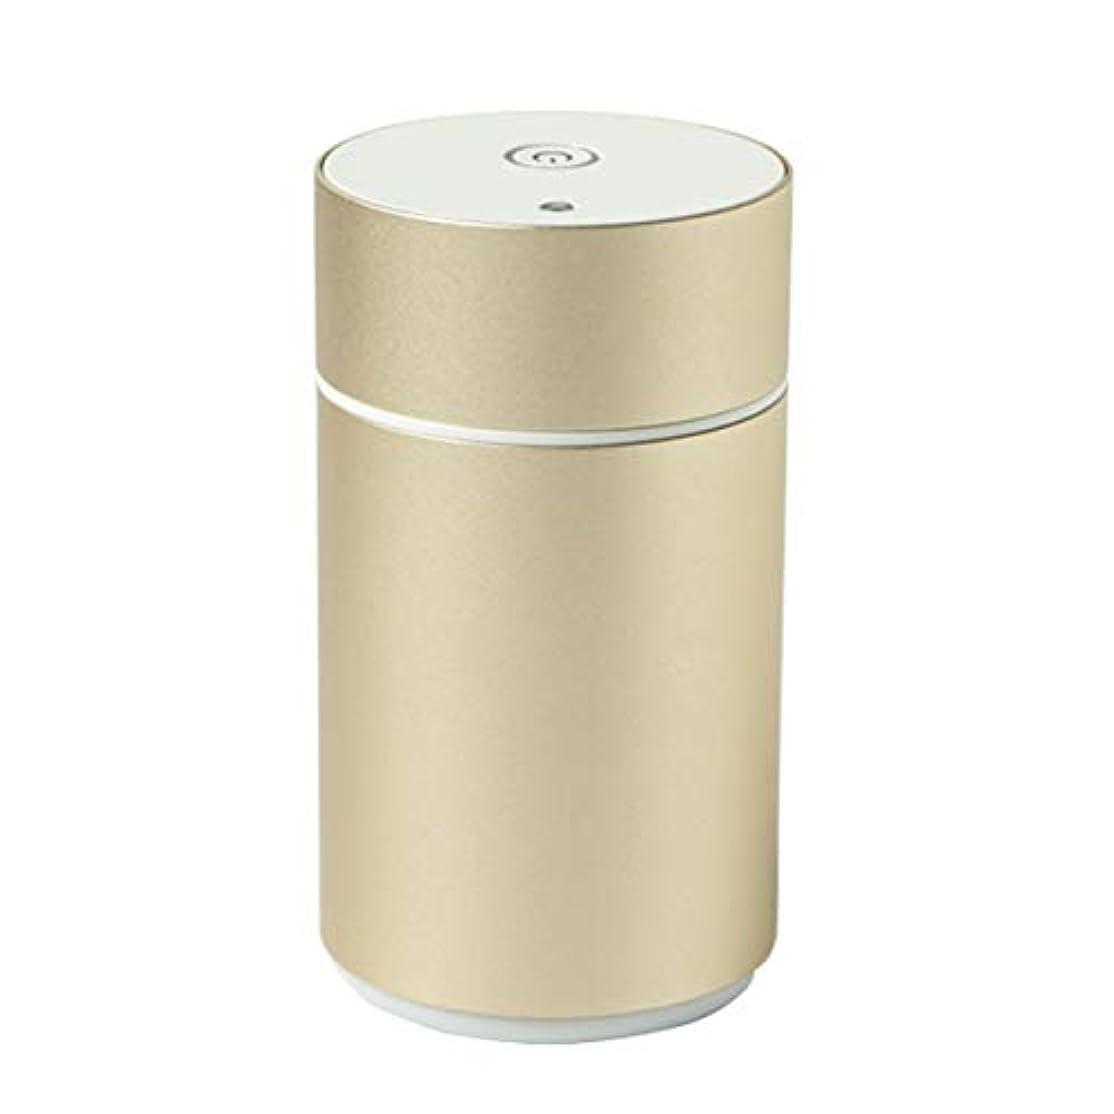 ステレオ主権者救援生活の木 アロモア ミニ ゴールド (aromore mini gold) (エッセンシャルオイルディフューザー) (圧縮微粒子式アロマディフューザー)